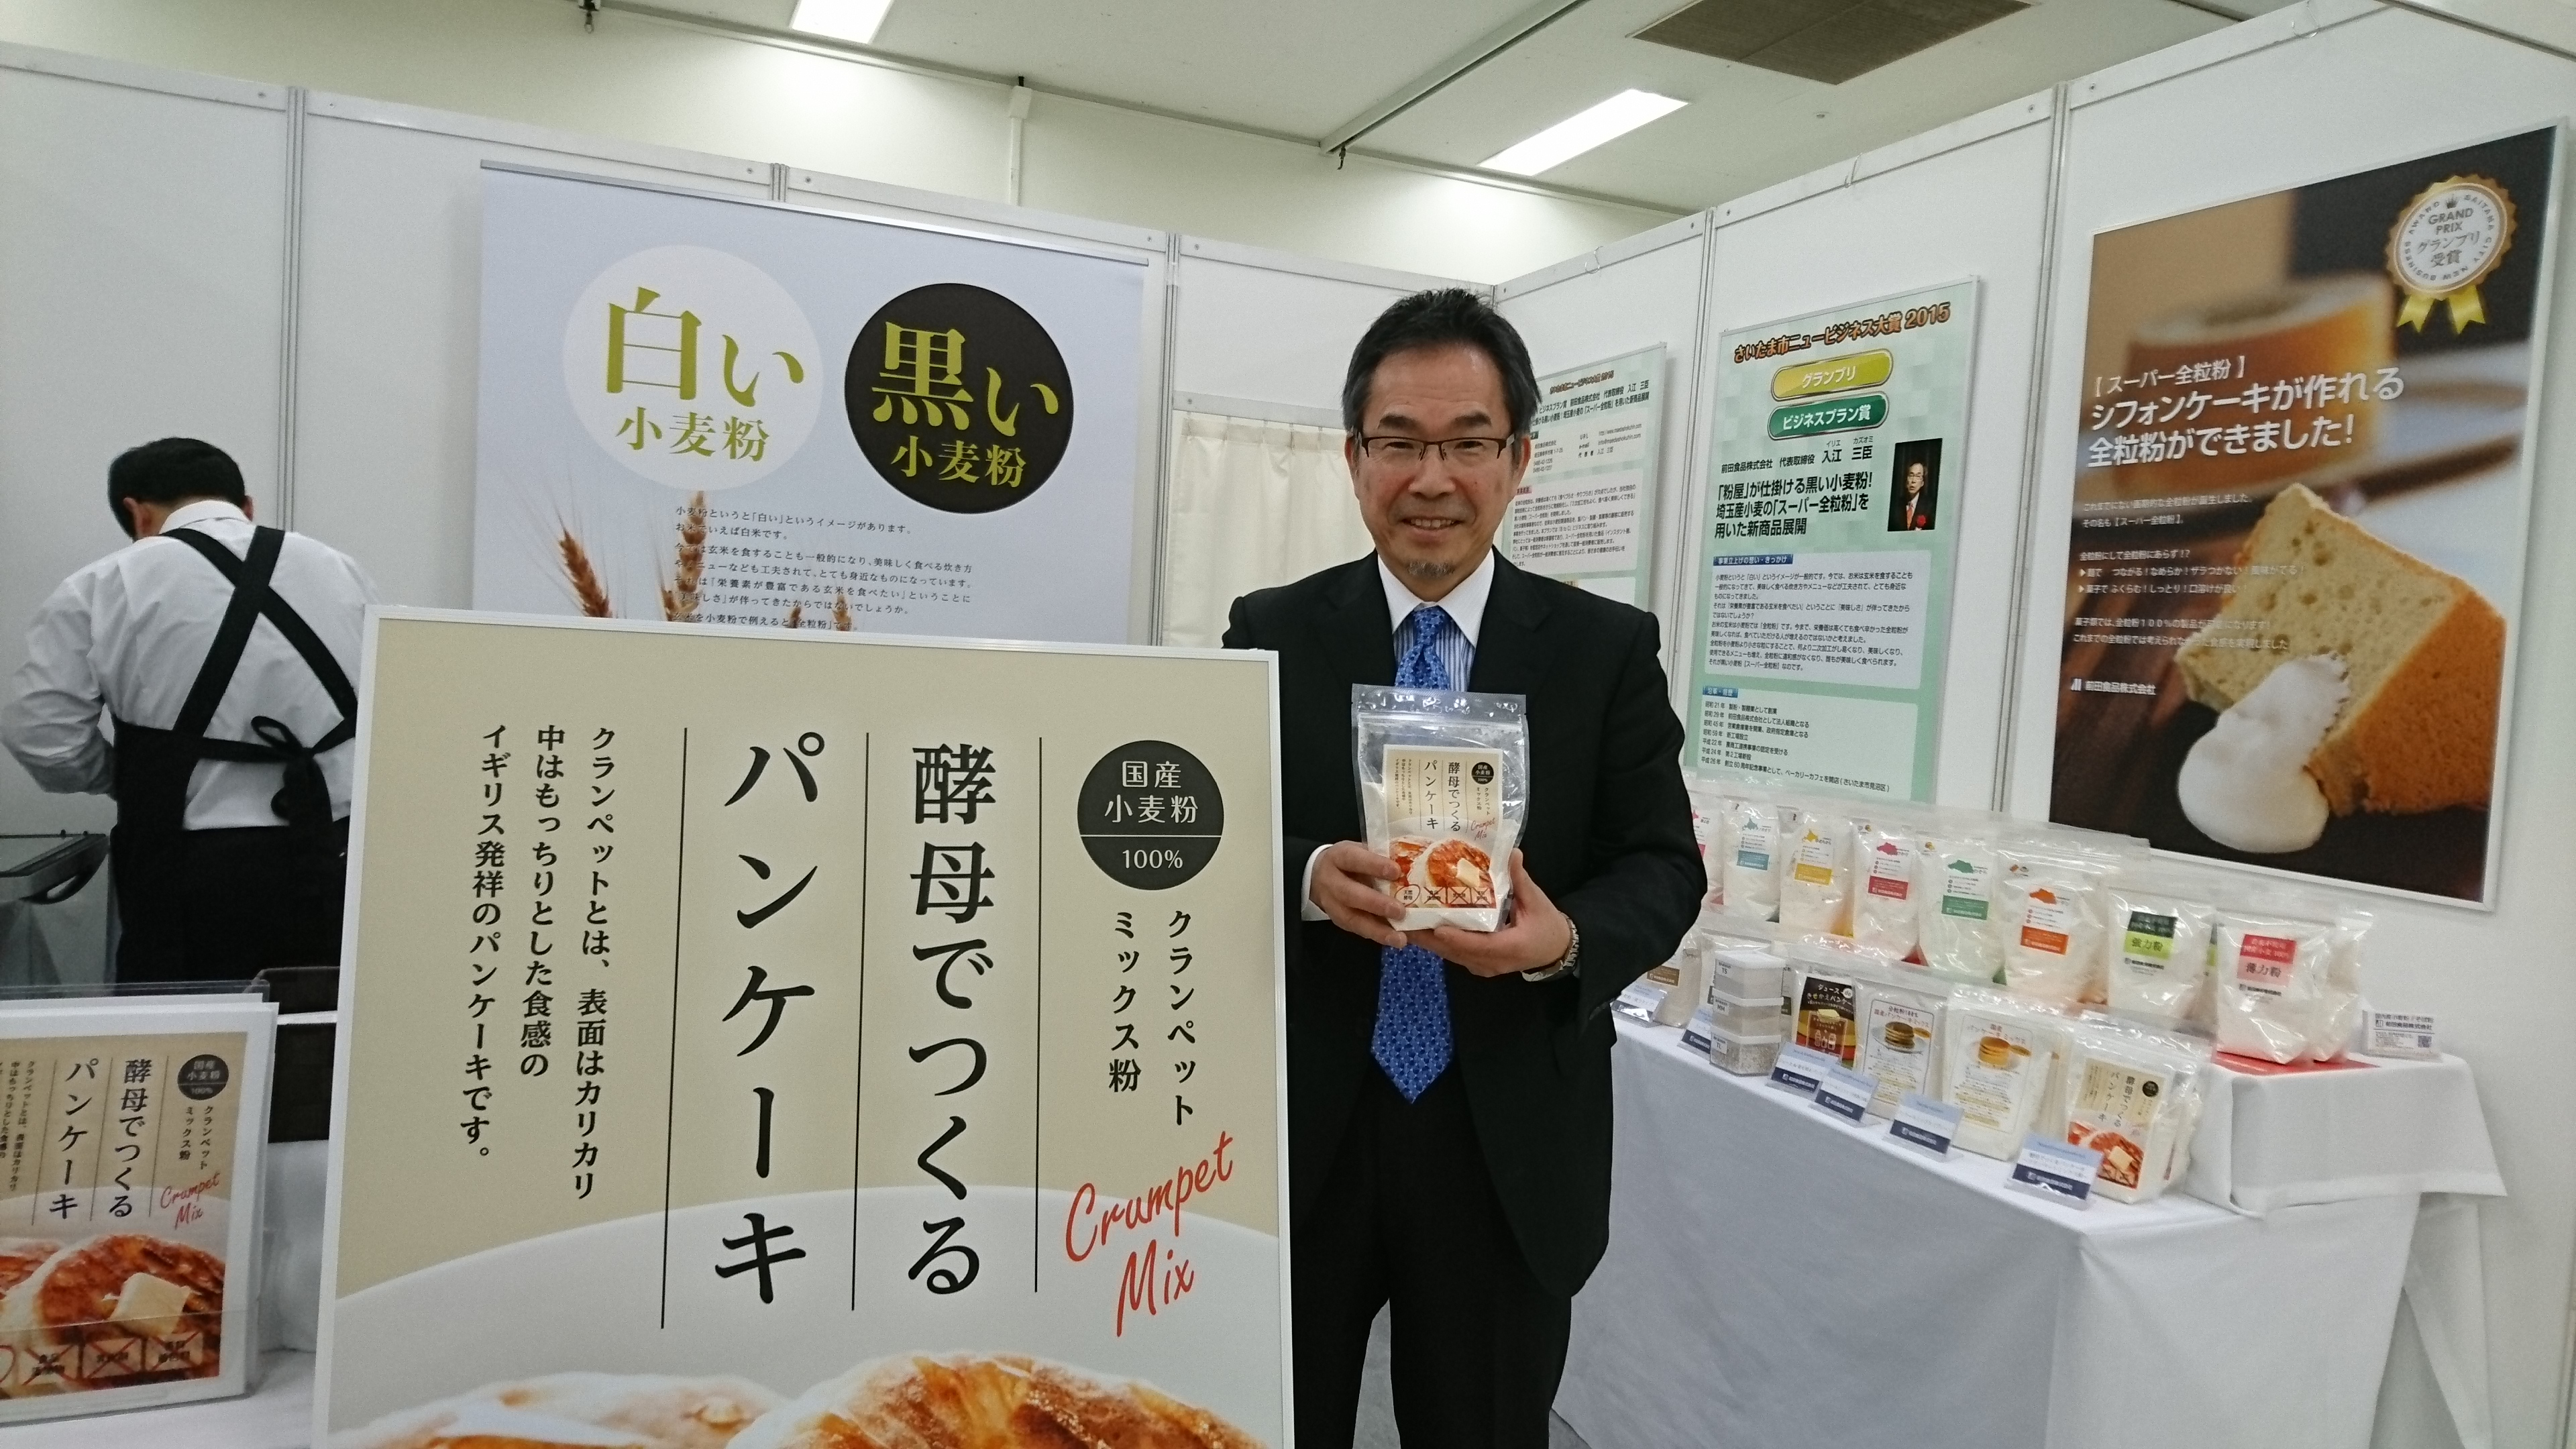 【イベント】全国統一試食会・商談会 出展画像